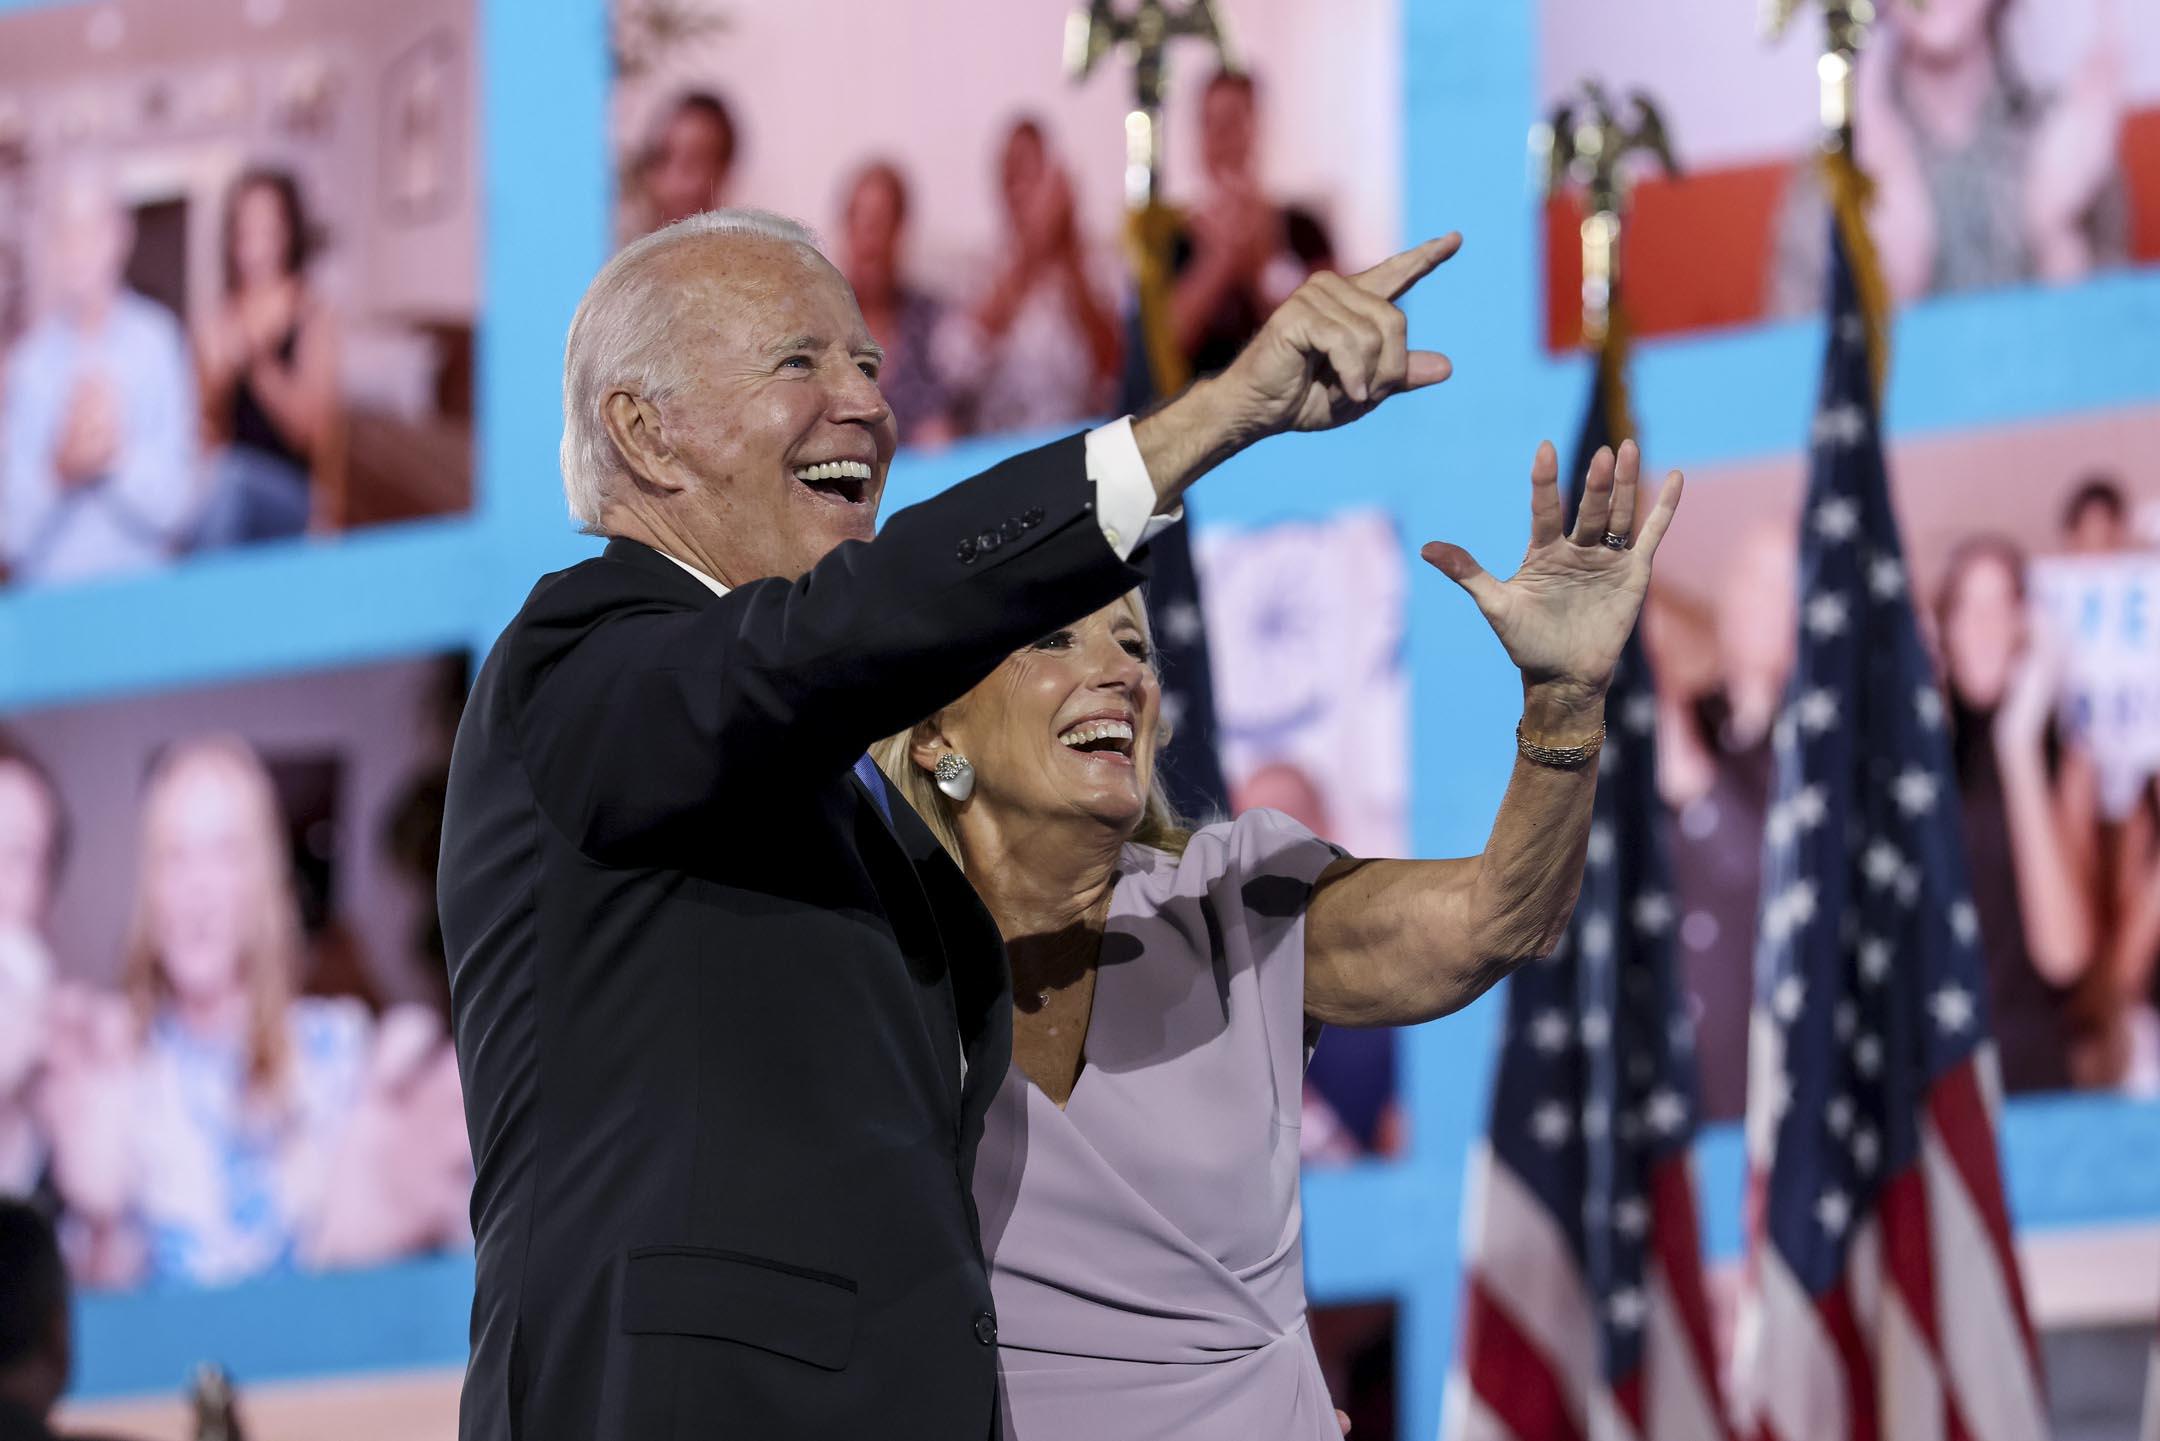 2020年8月20日,民主黨全國代表大會,民主黨總統候選人拜登和妻子向支持者揮手。 攝: Win McNamee/Getty Images